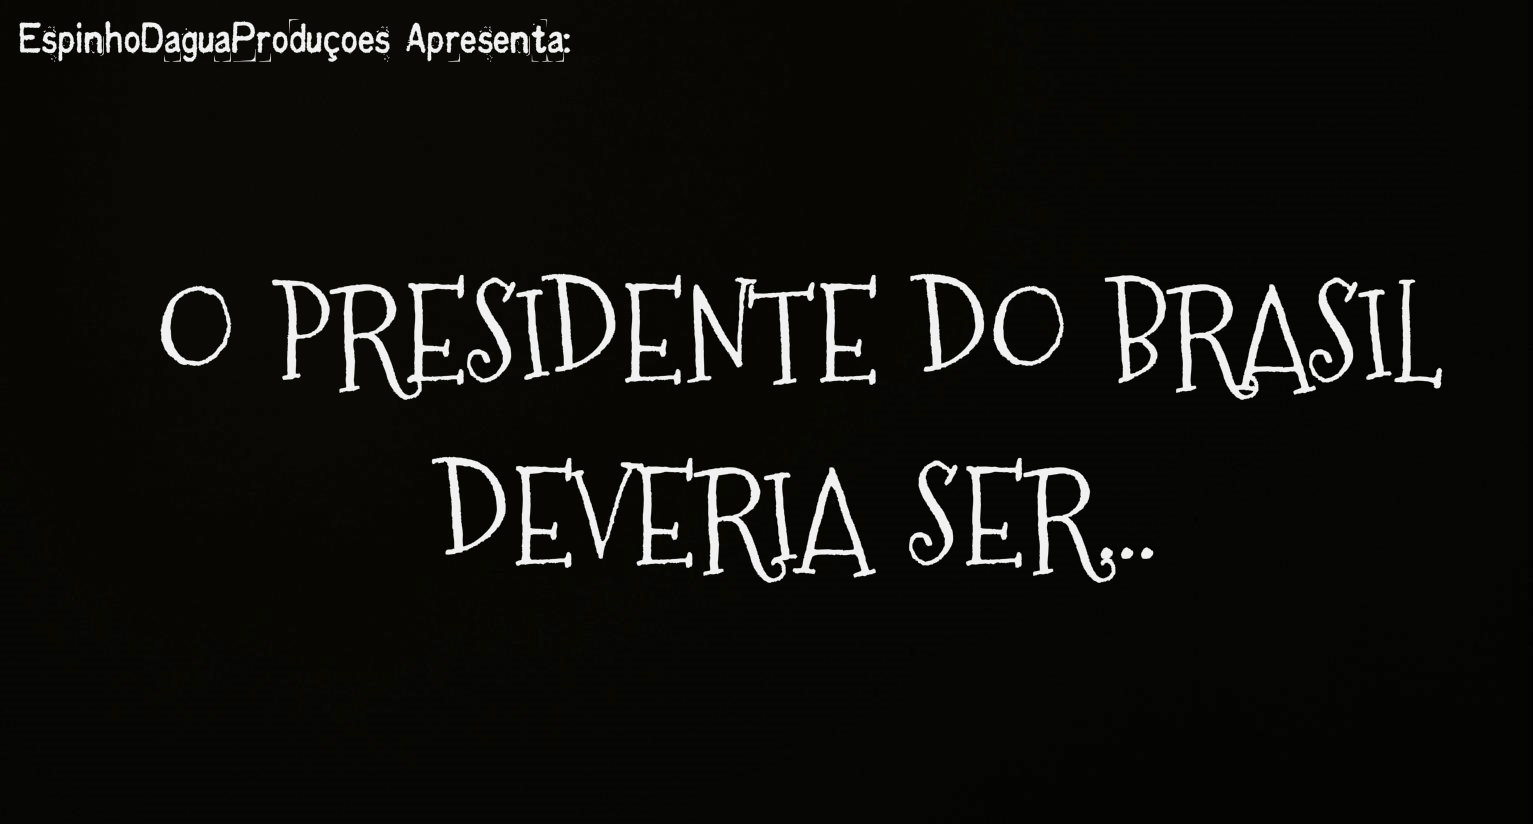 Quem Deveria Ser o Presidente do Brasil?